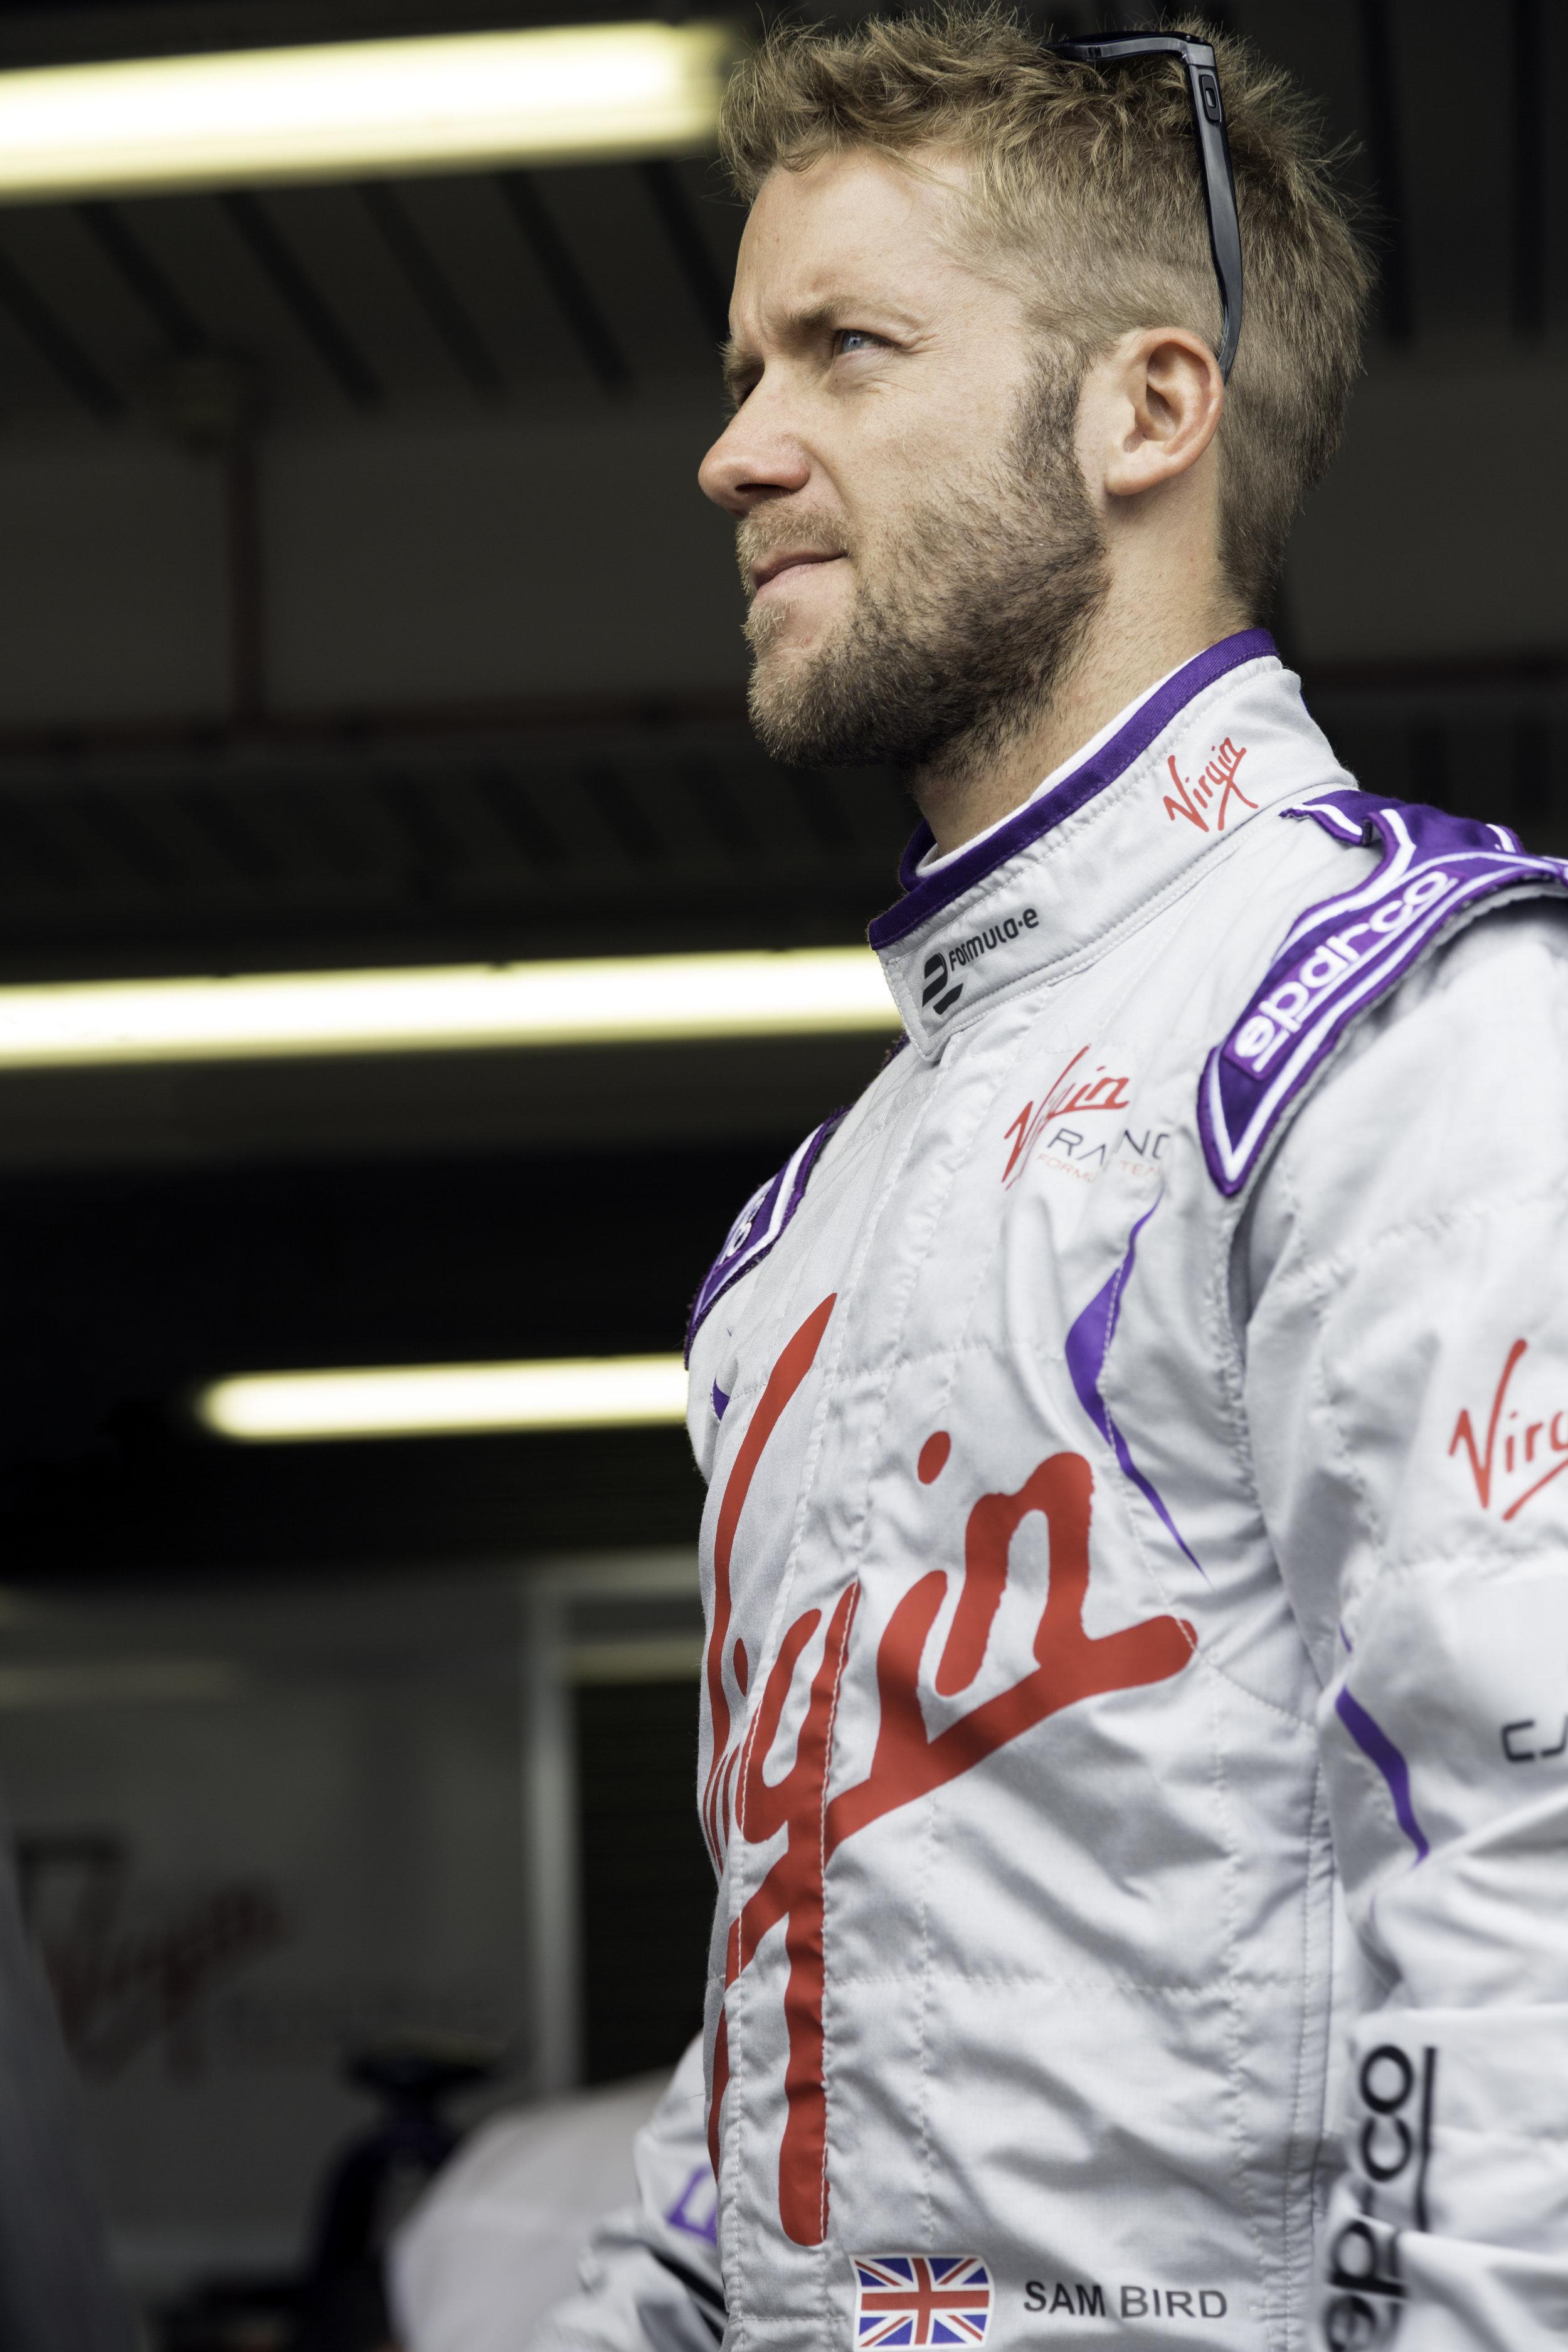 Sam Bird - Formula-e Racing Driver